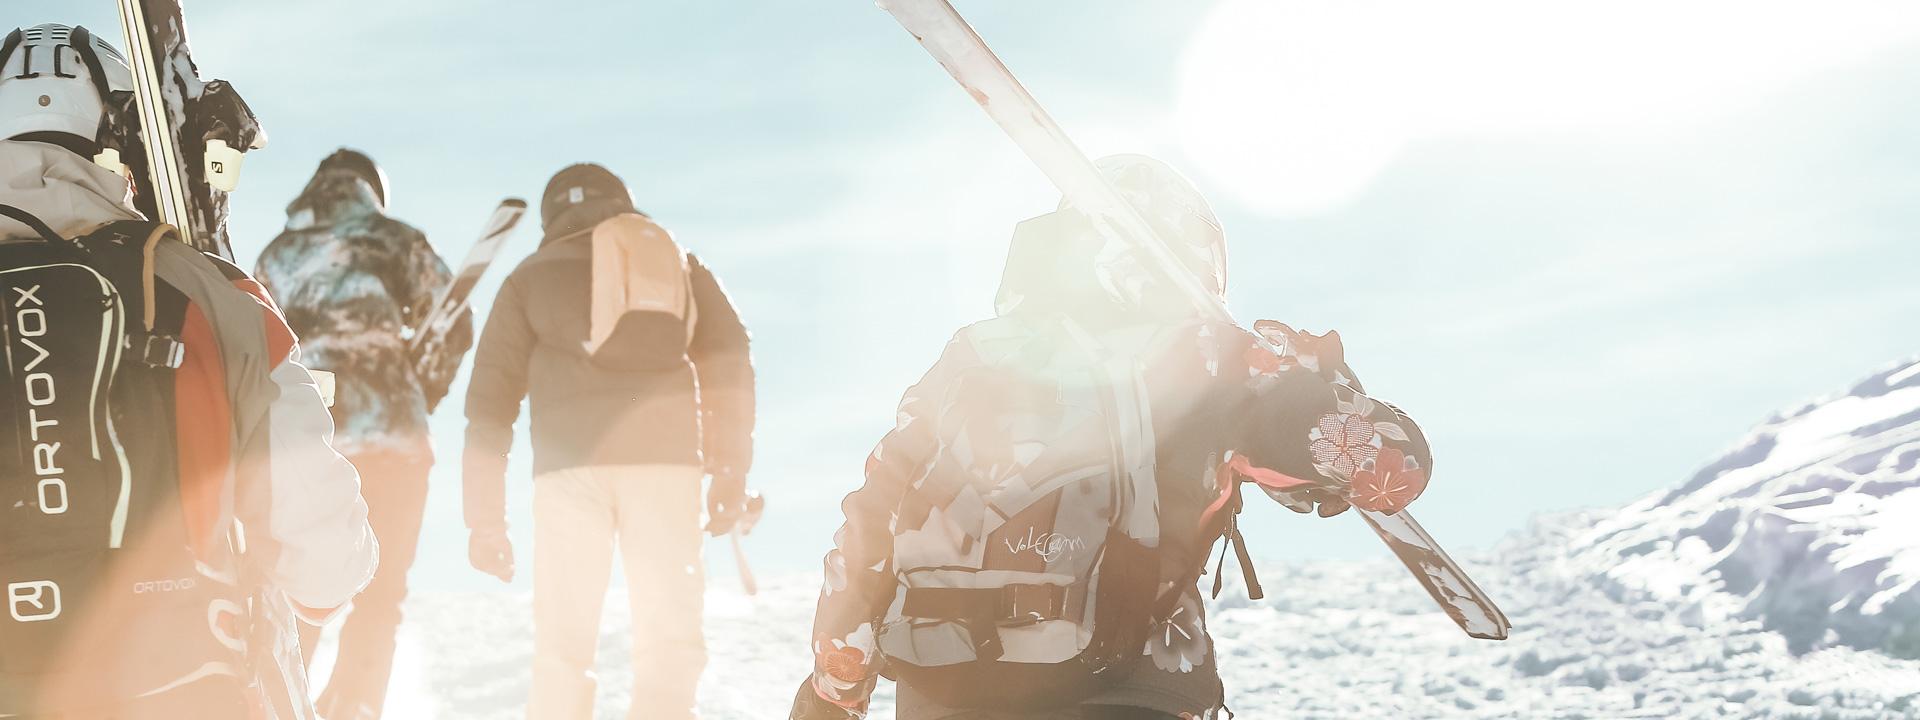 Sciatori sulla ski area Mottolino a Livigno